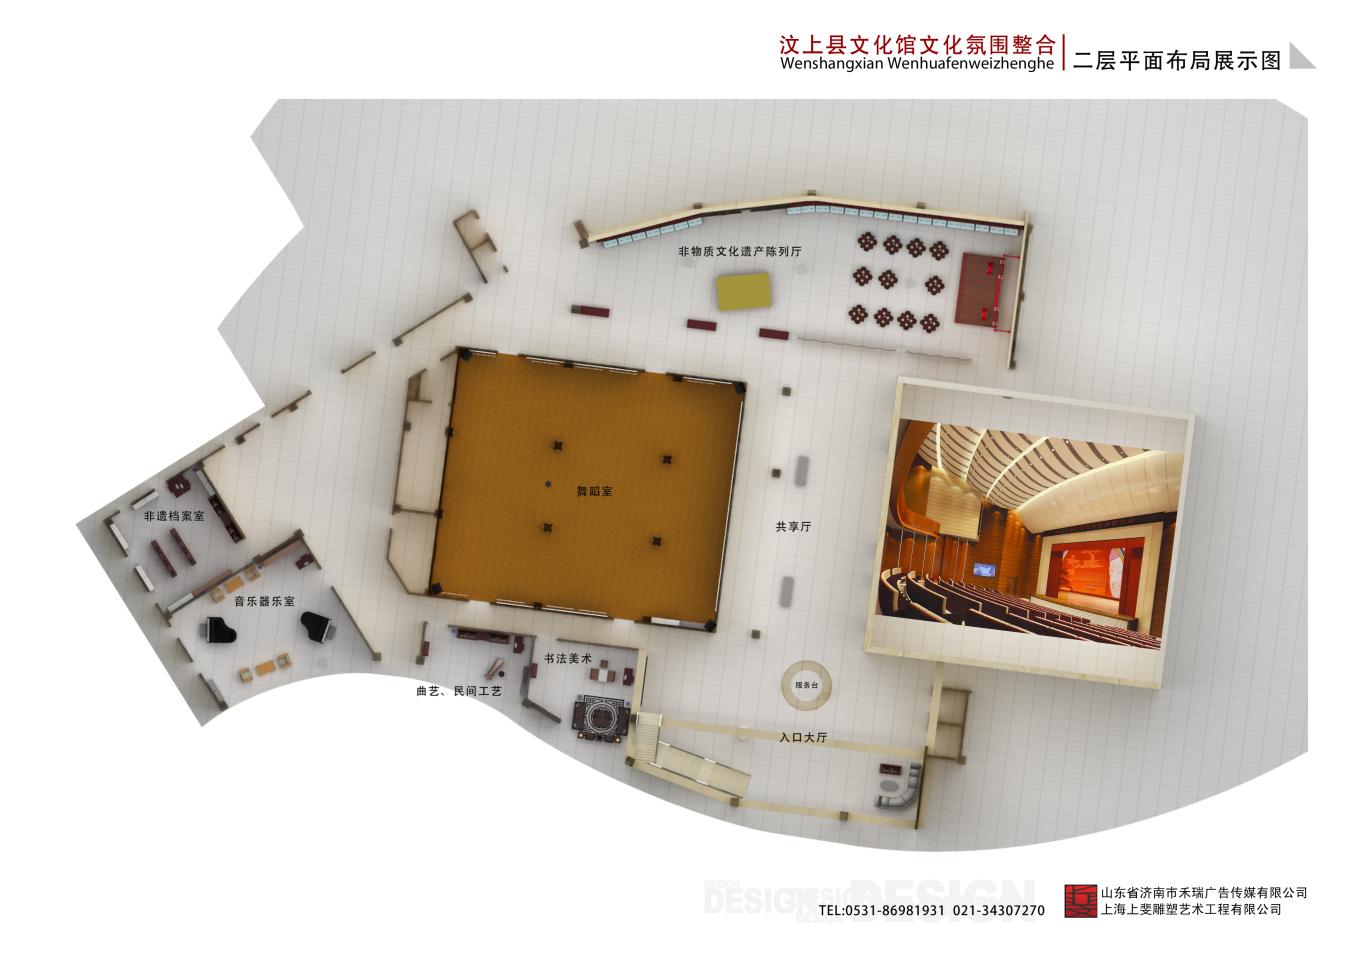 文化艺术中心图27